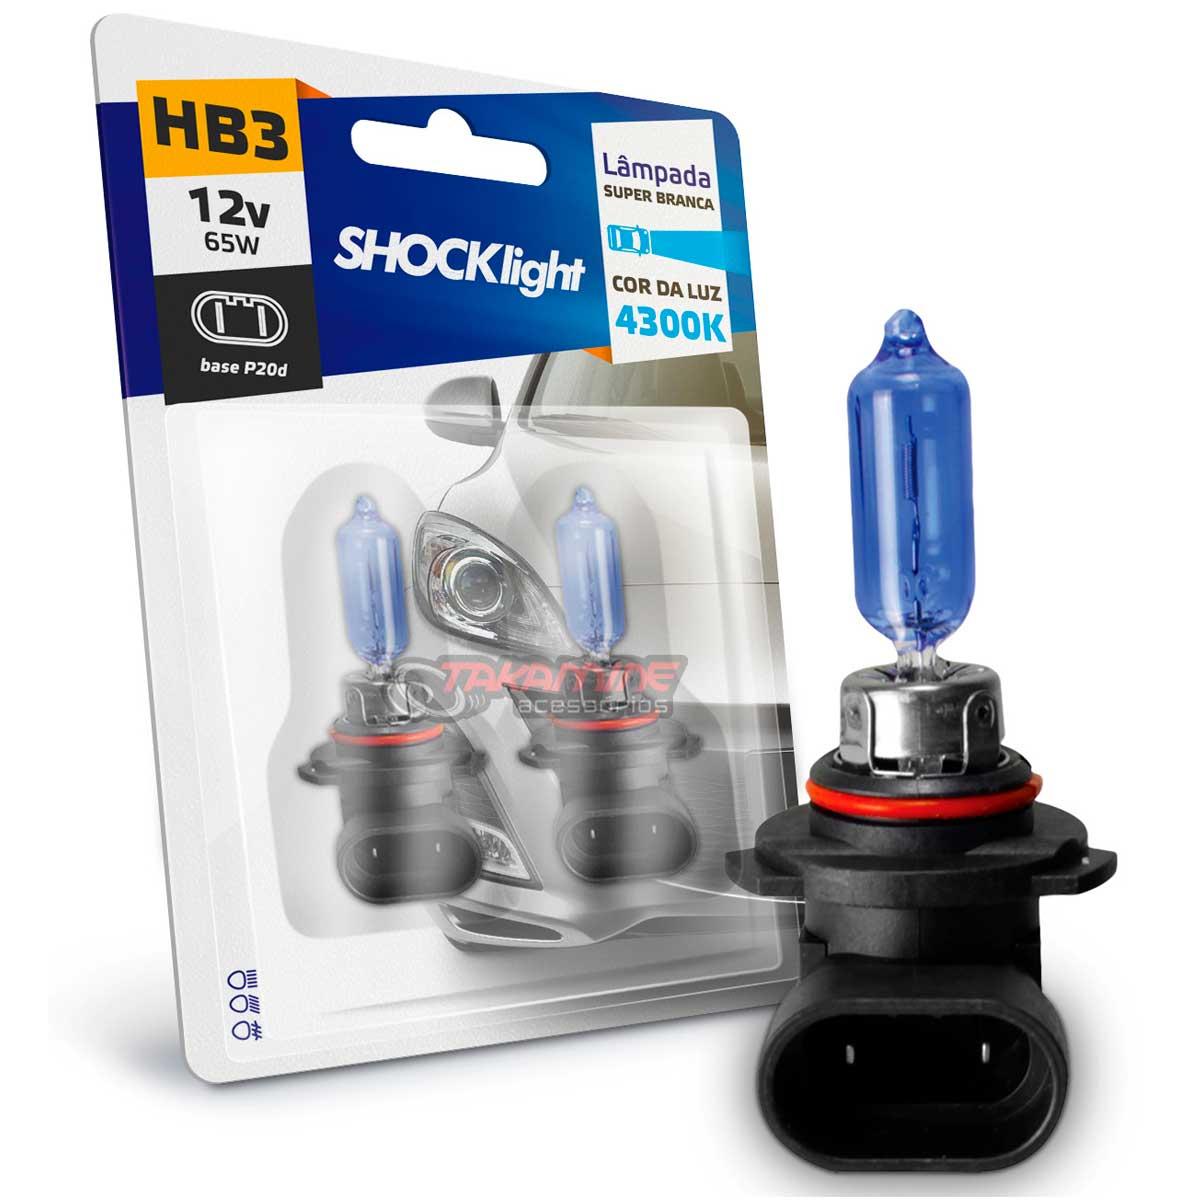 Lâmpada super branca HB3 4300K 65w 12v